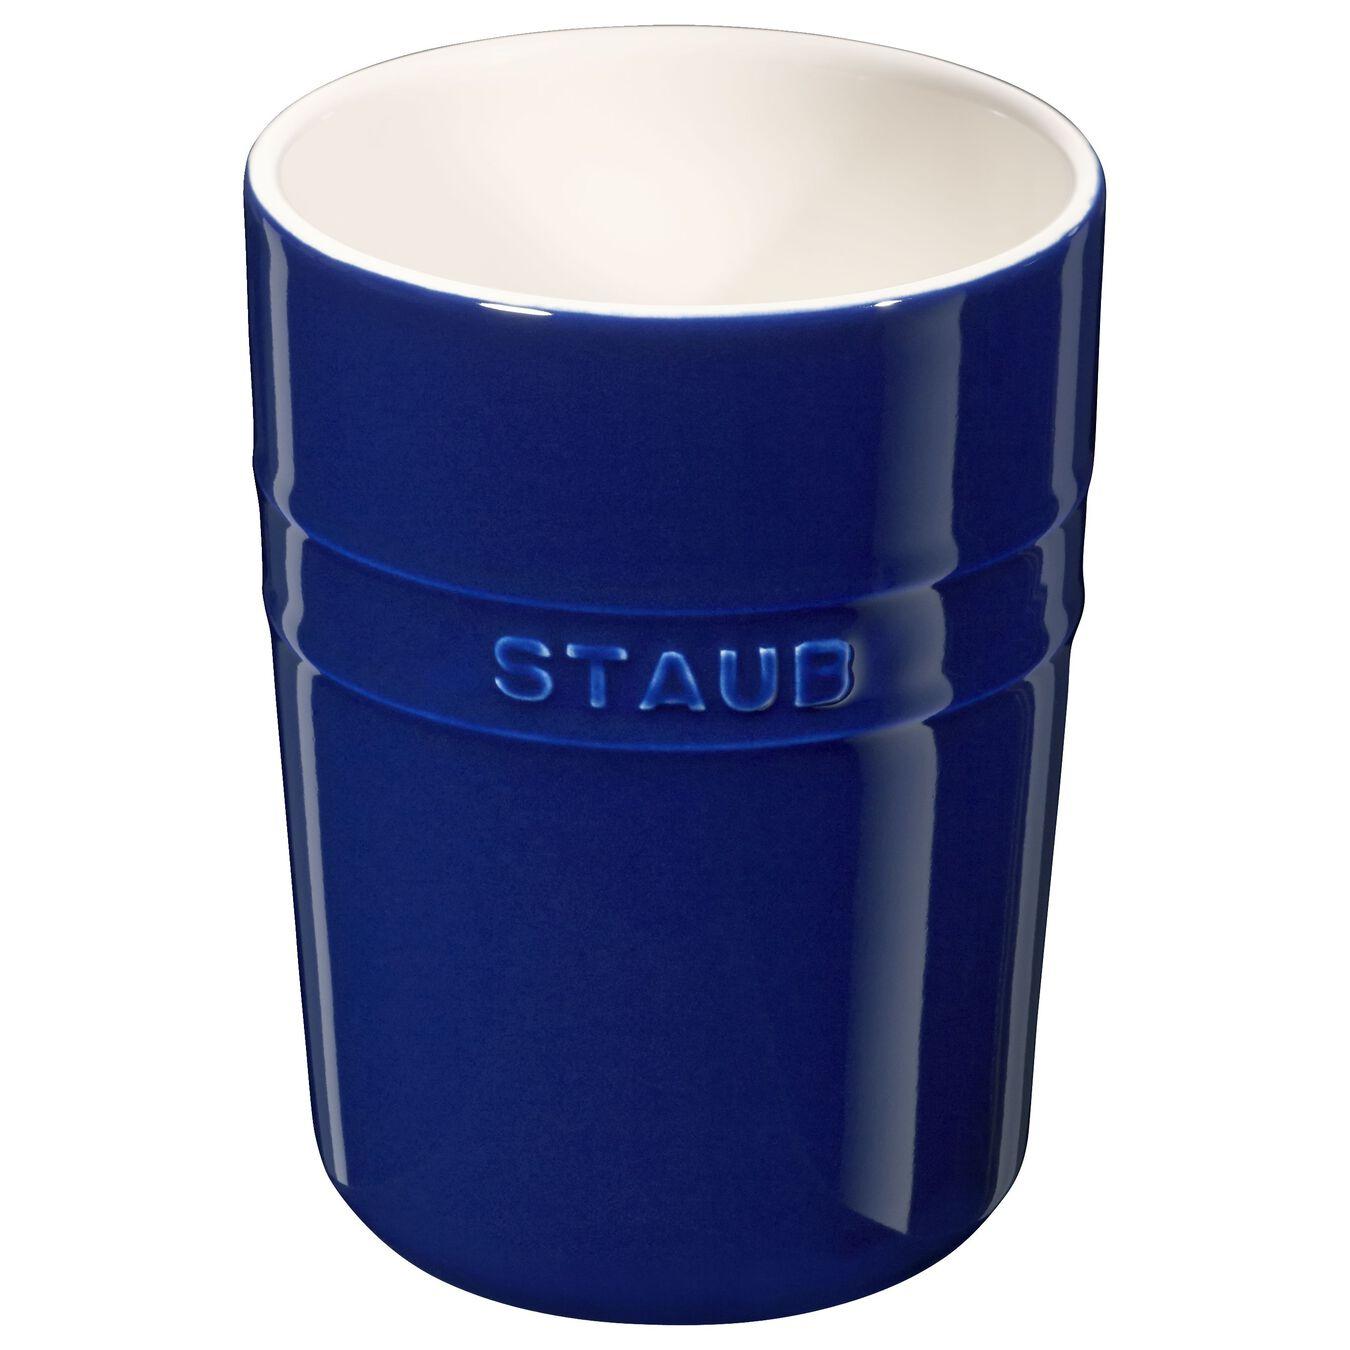 Utensil Holder - Dark Blue,,large 1